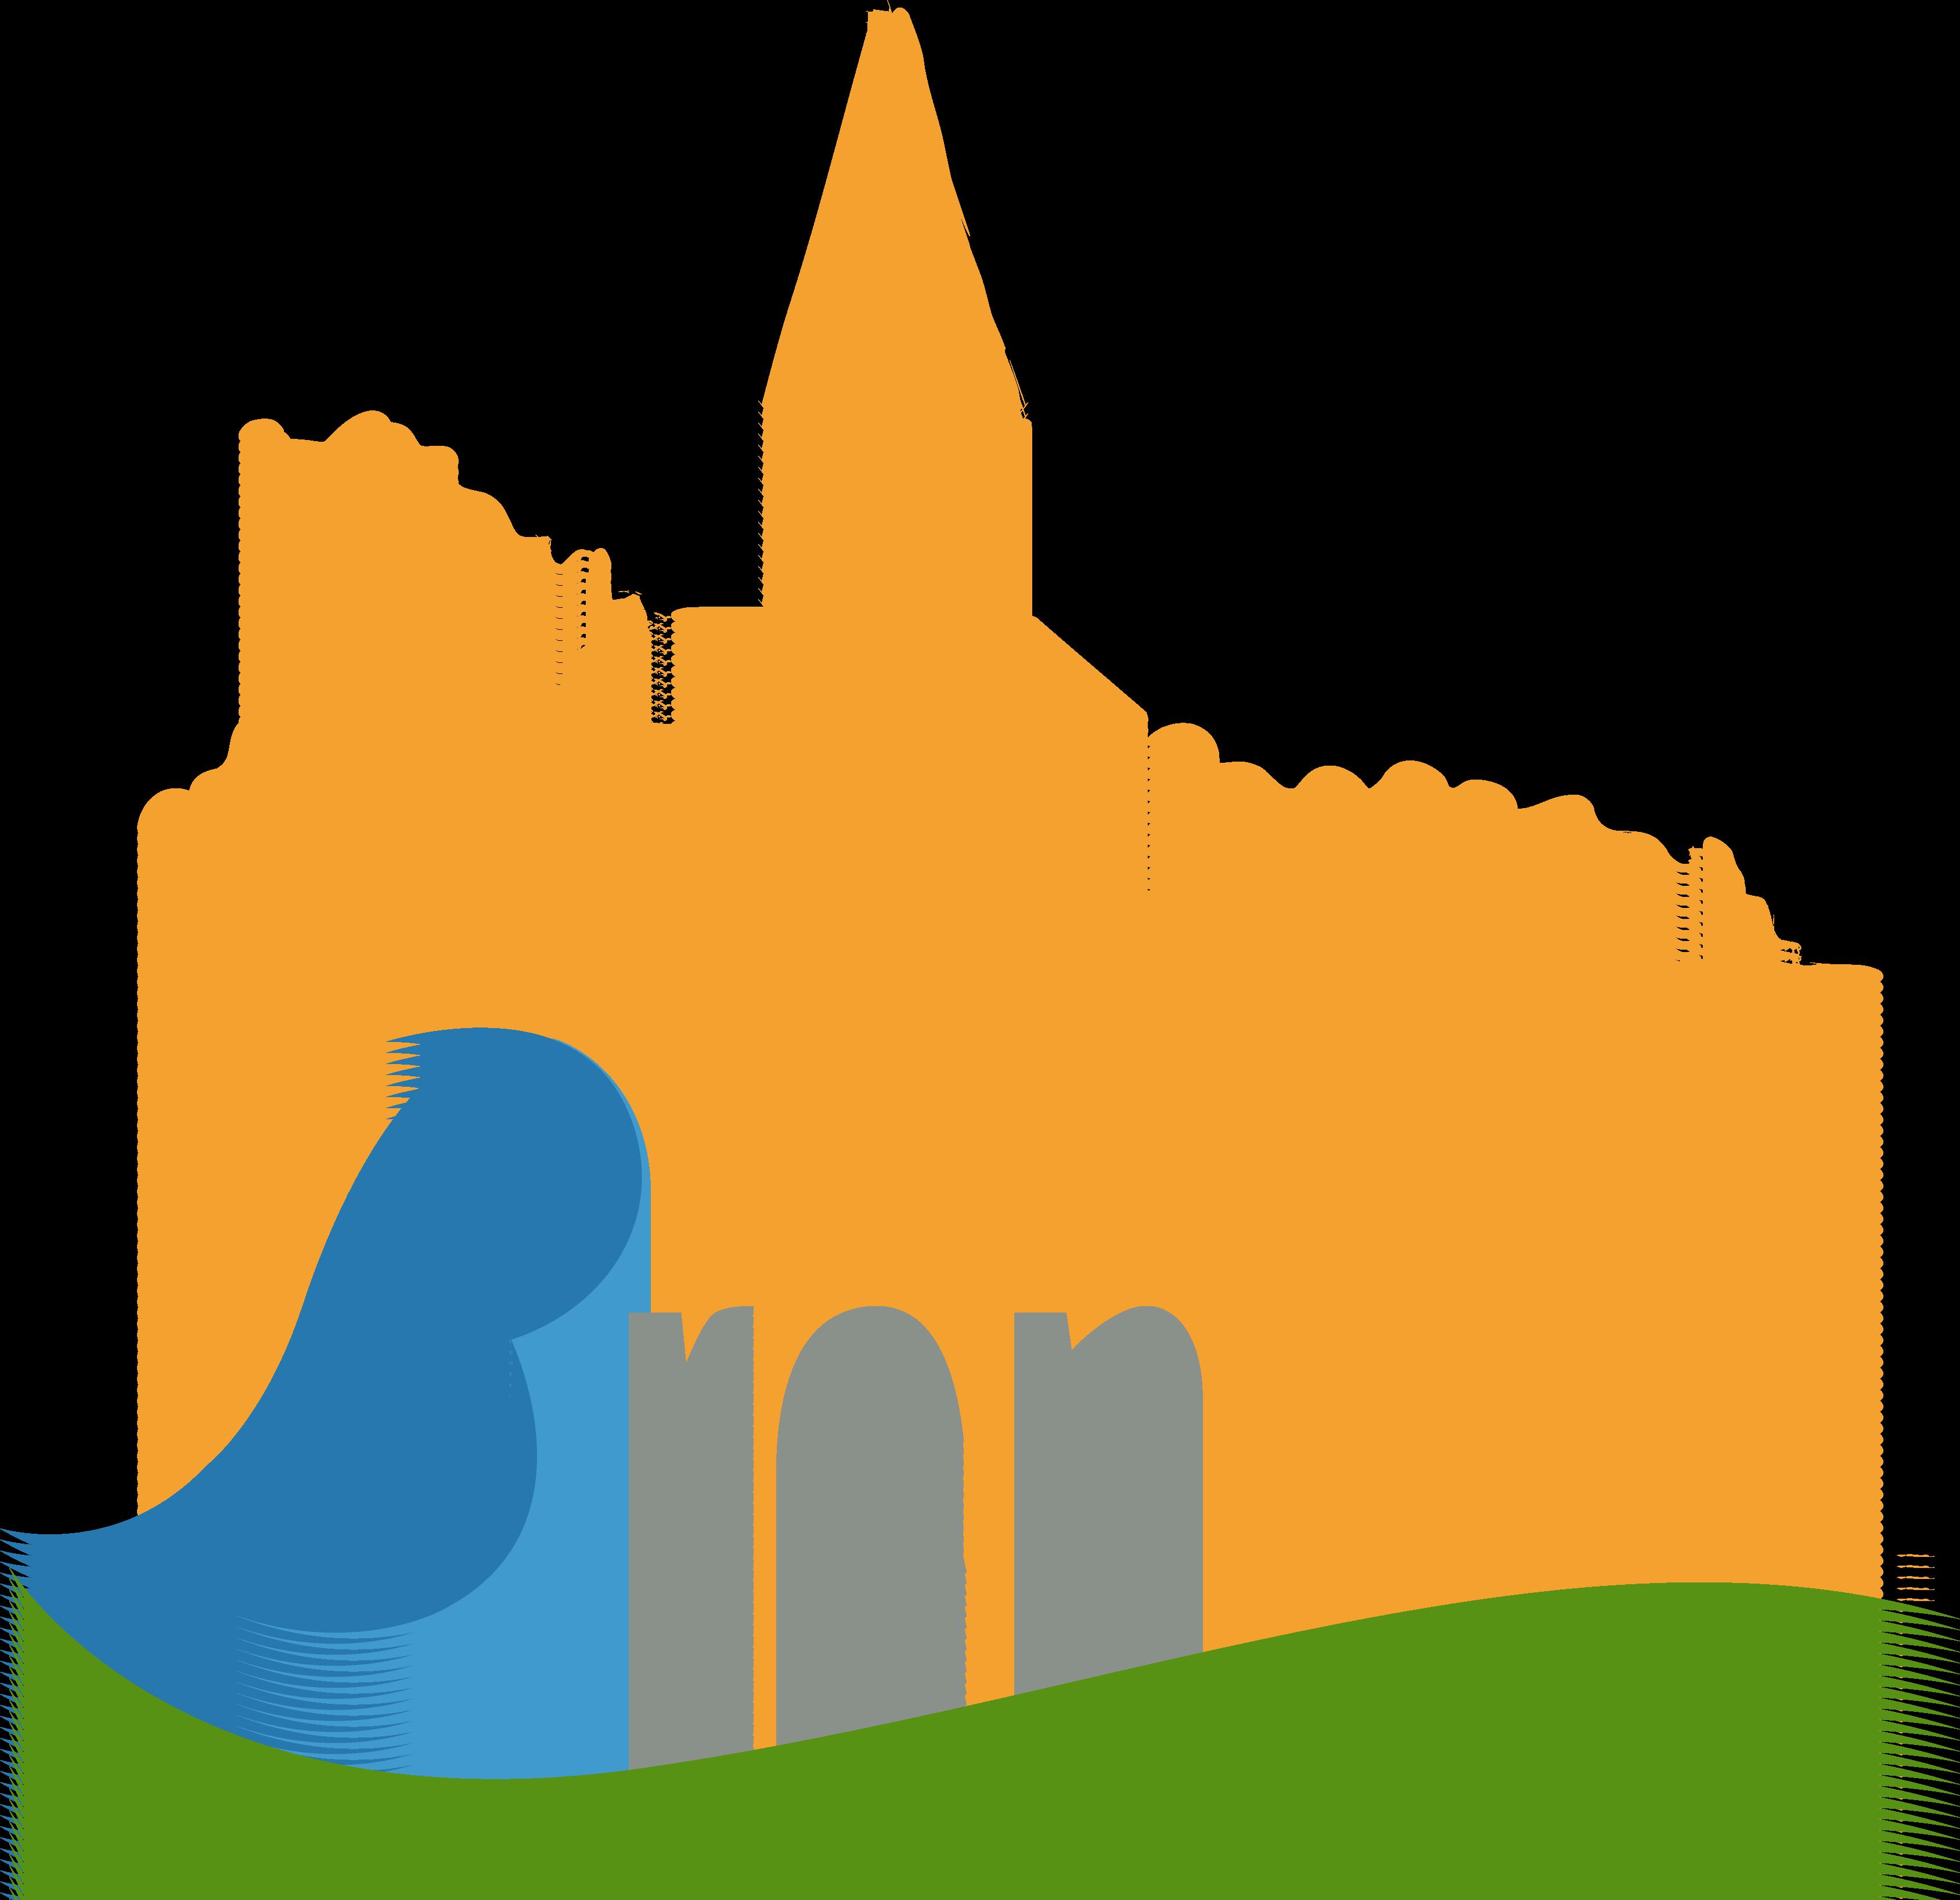 Bren – Drôme